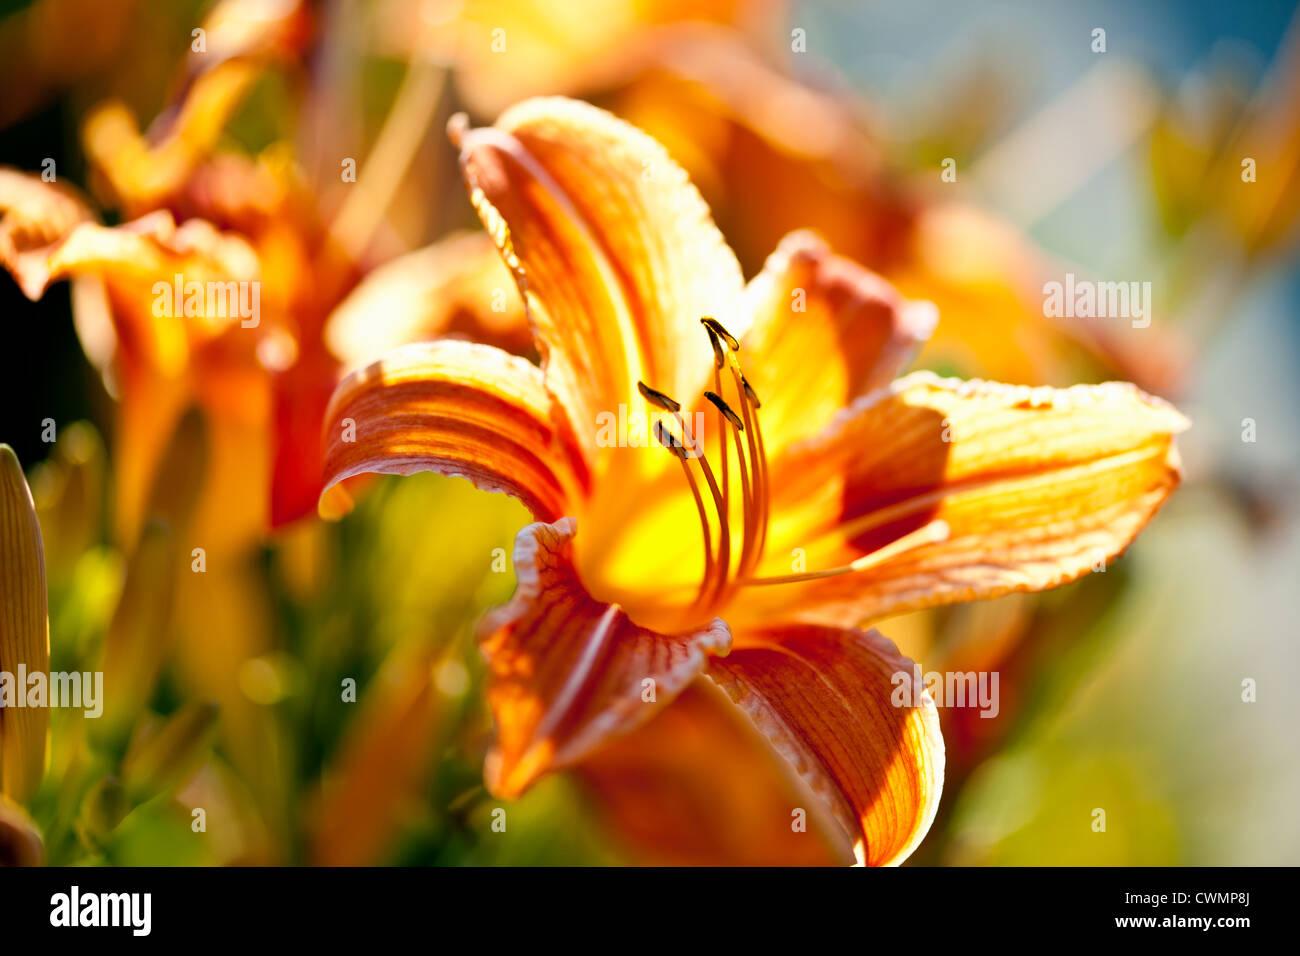 Bel colore arancione tiger lily fiori fioritura in giardino Immagini Stock